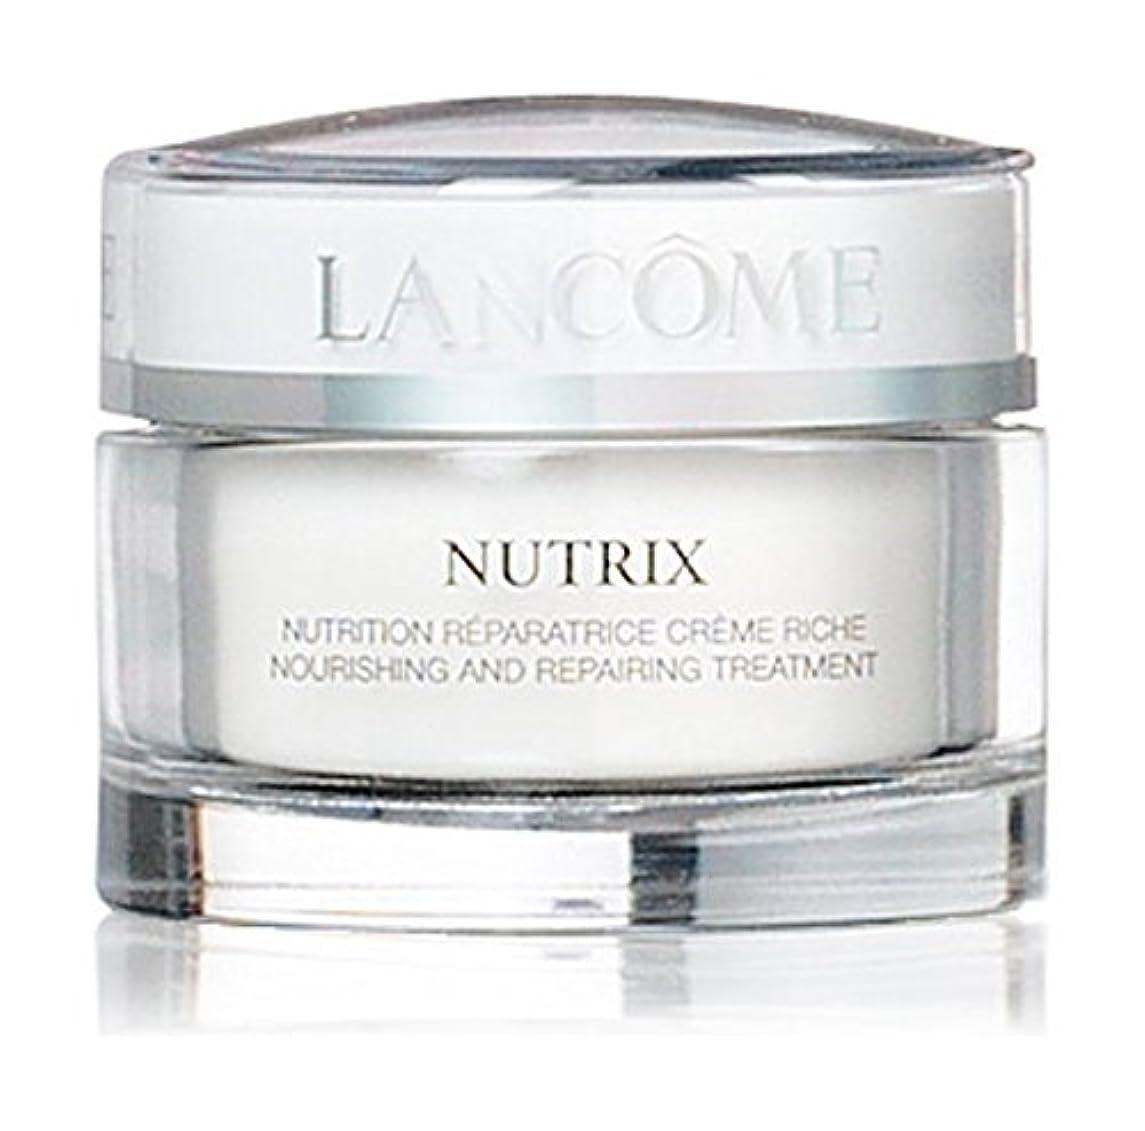 部分滅びる肥沃なランコム Nutrix Nourishing And Repairing Treatment Rich Cream - For Very Dry, Sensitive Or Irritated Skin 50ml/1.7oz並行輸入品